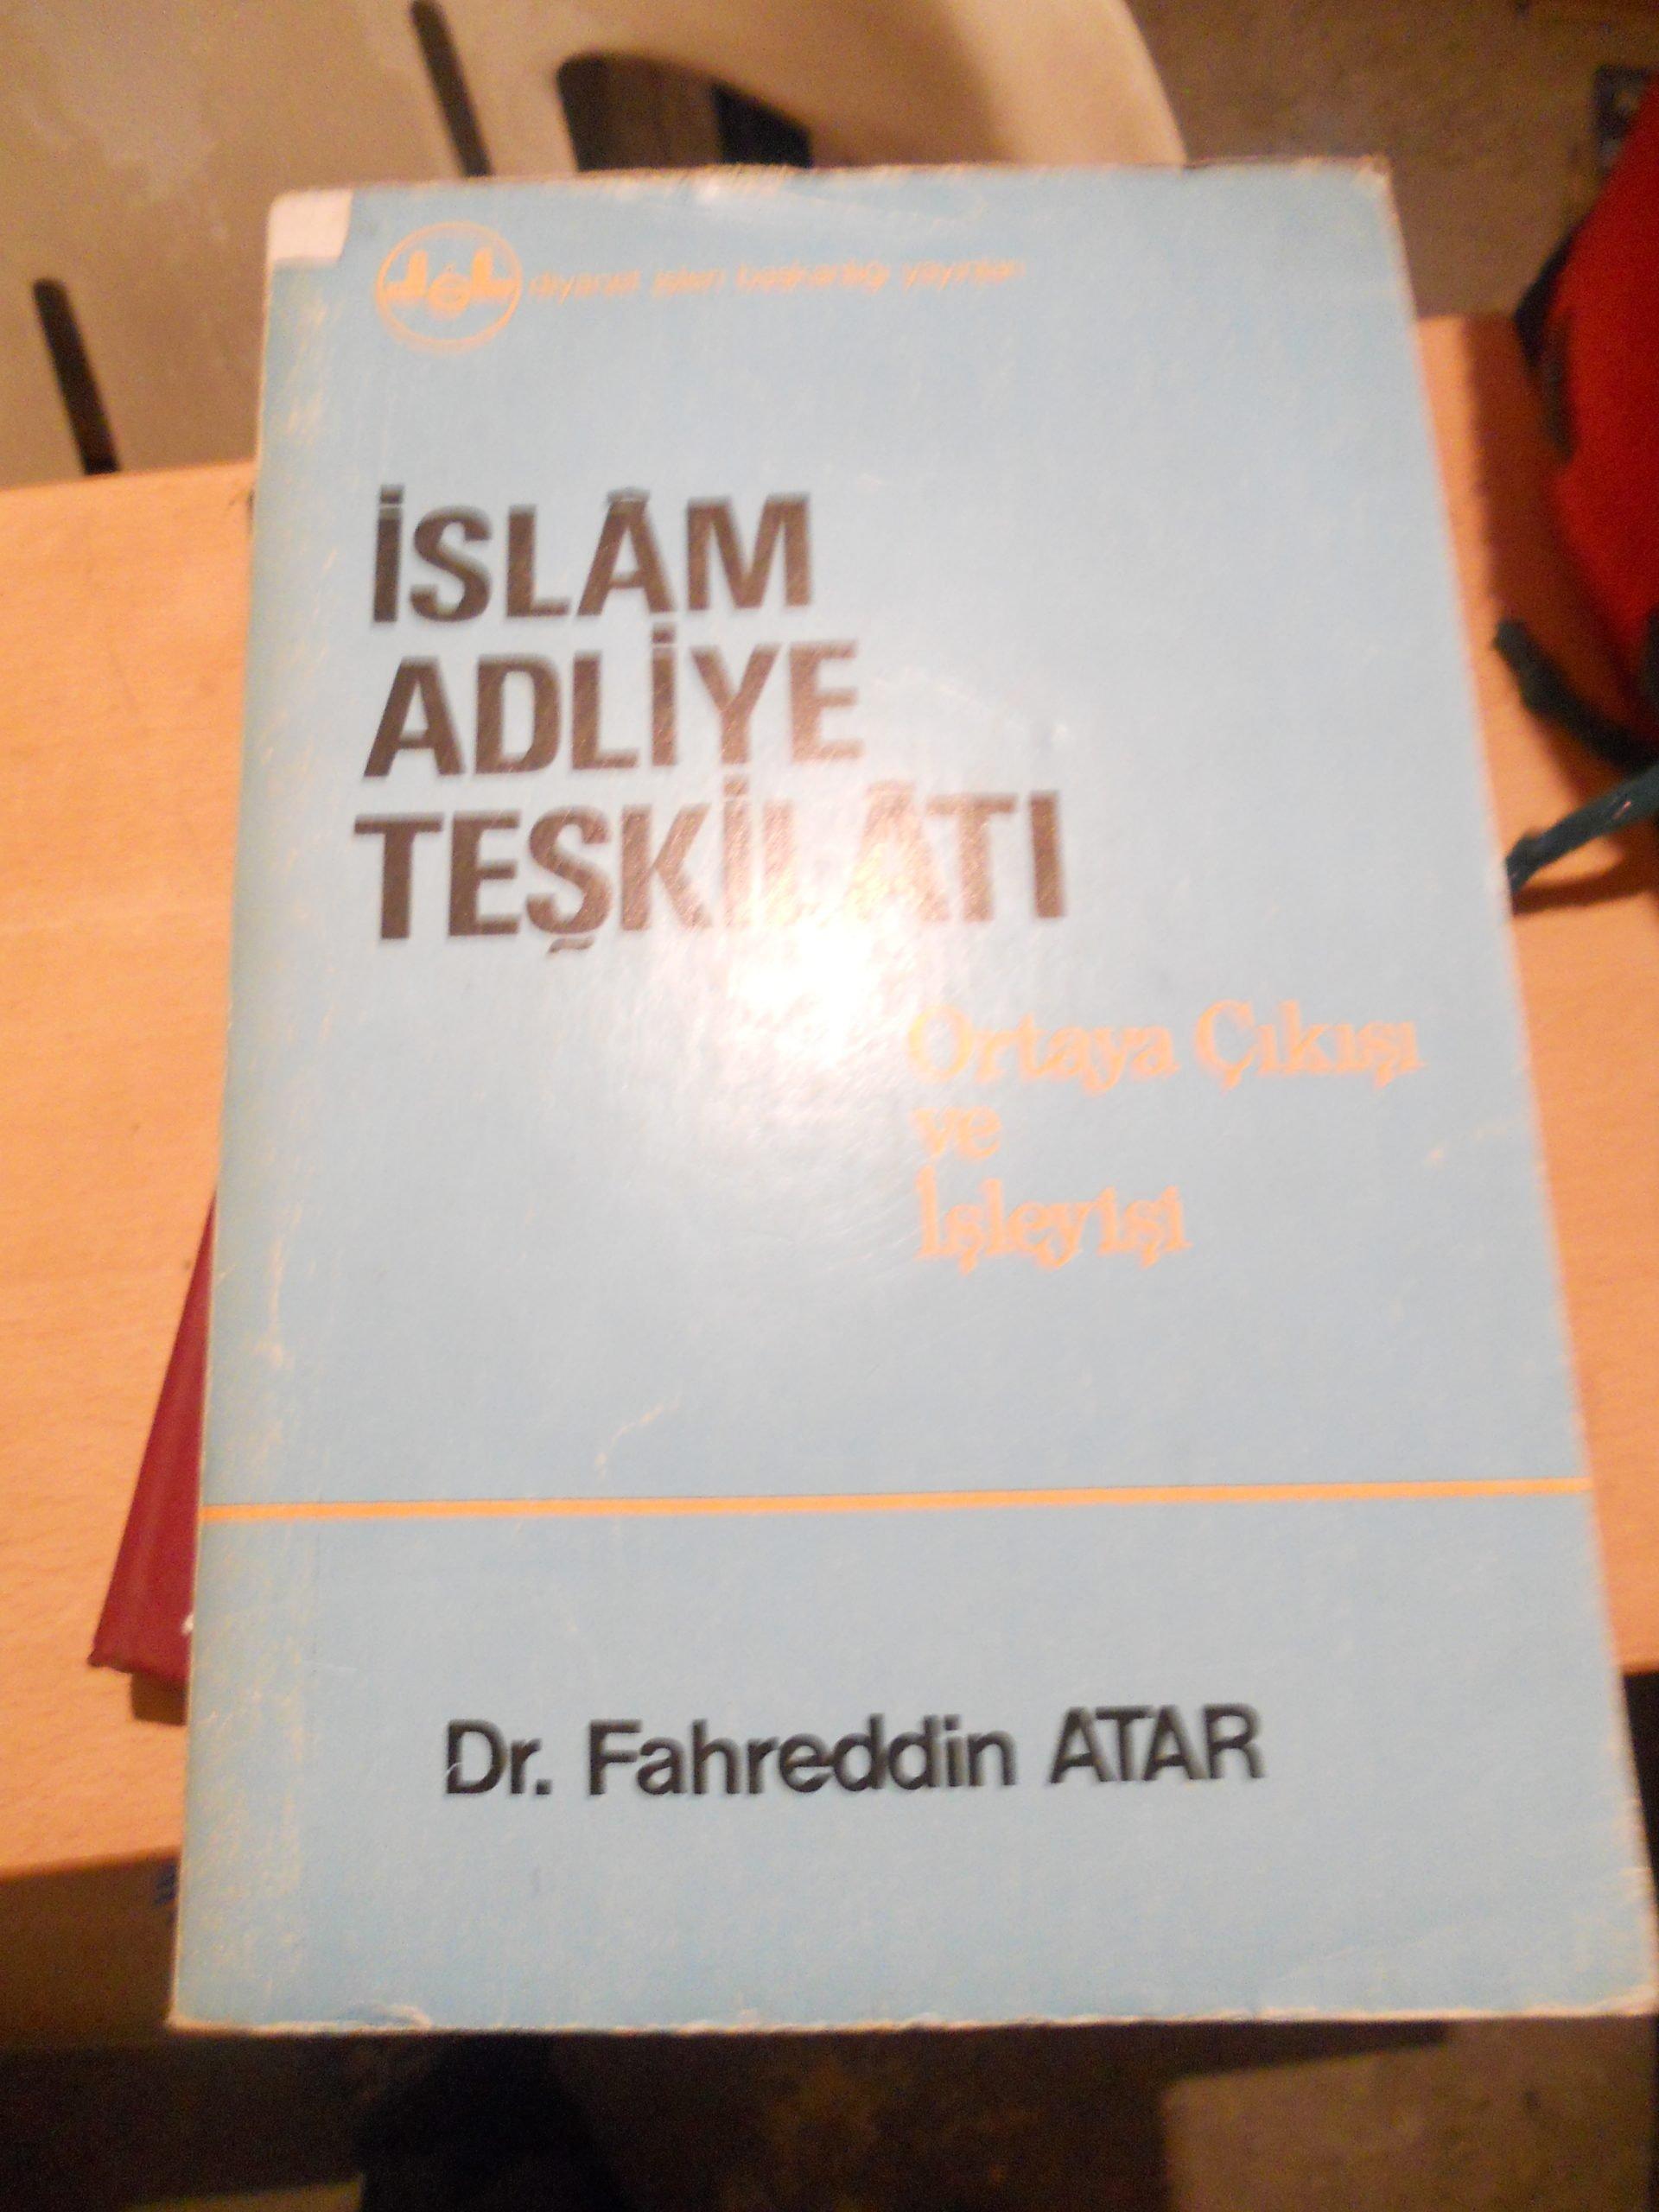 İSLAM ADLİYE TEŞKİLATI/Fahreddin ATAR/20 tl